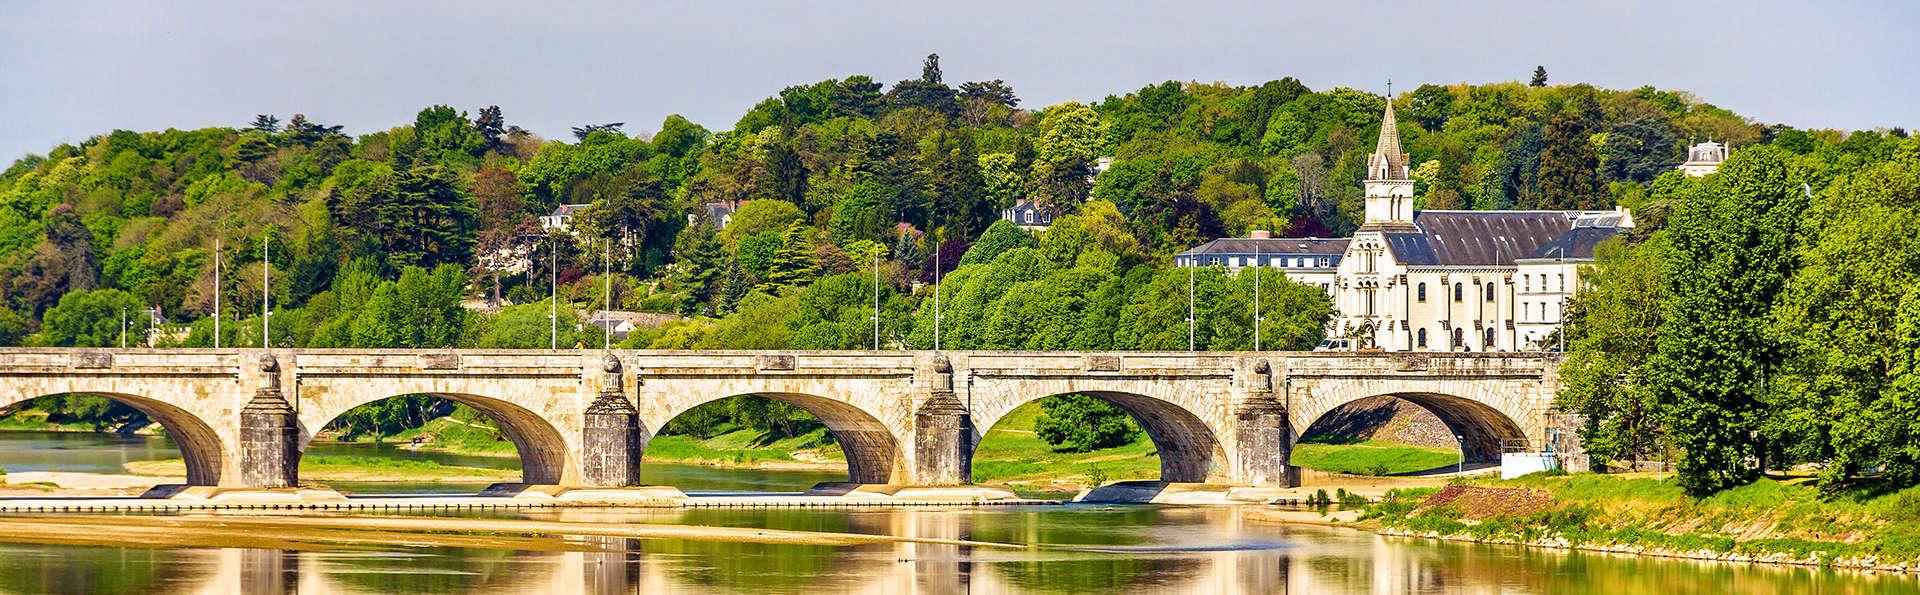 Cadre pittoresque et paysages époustouflants à Vouvray